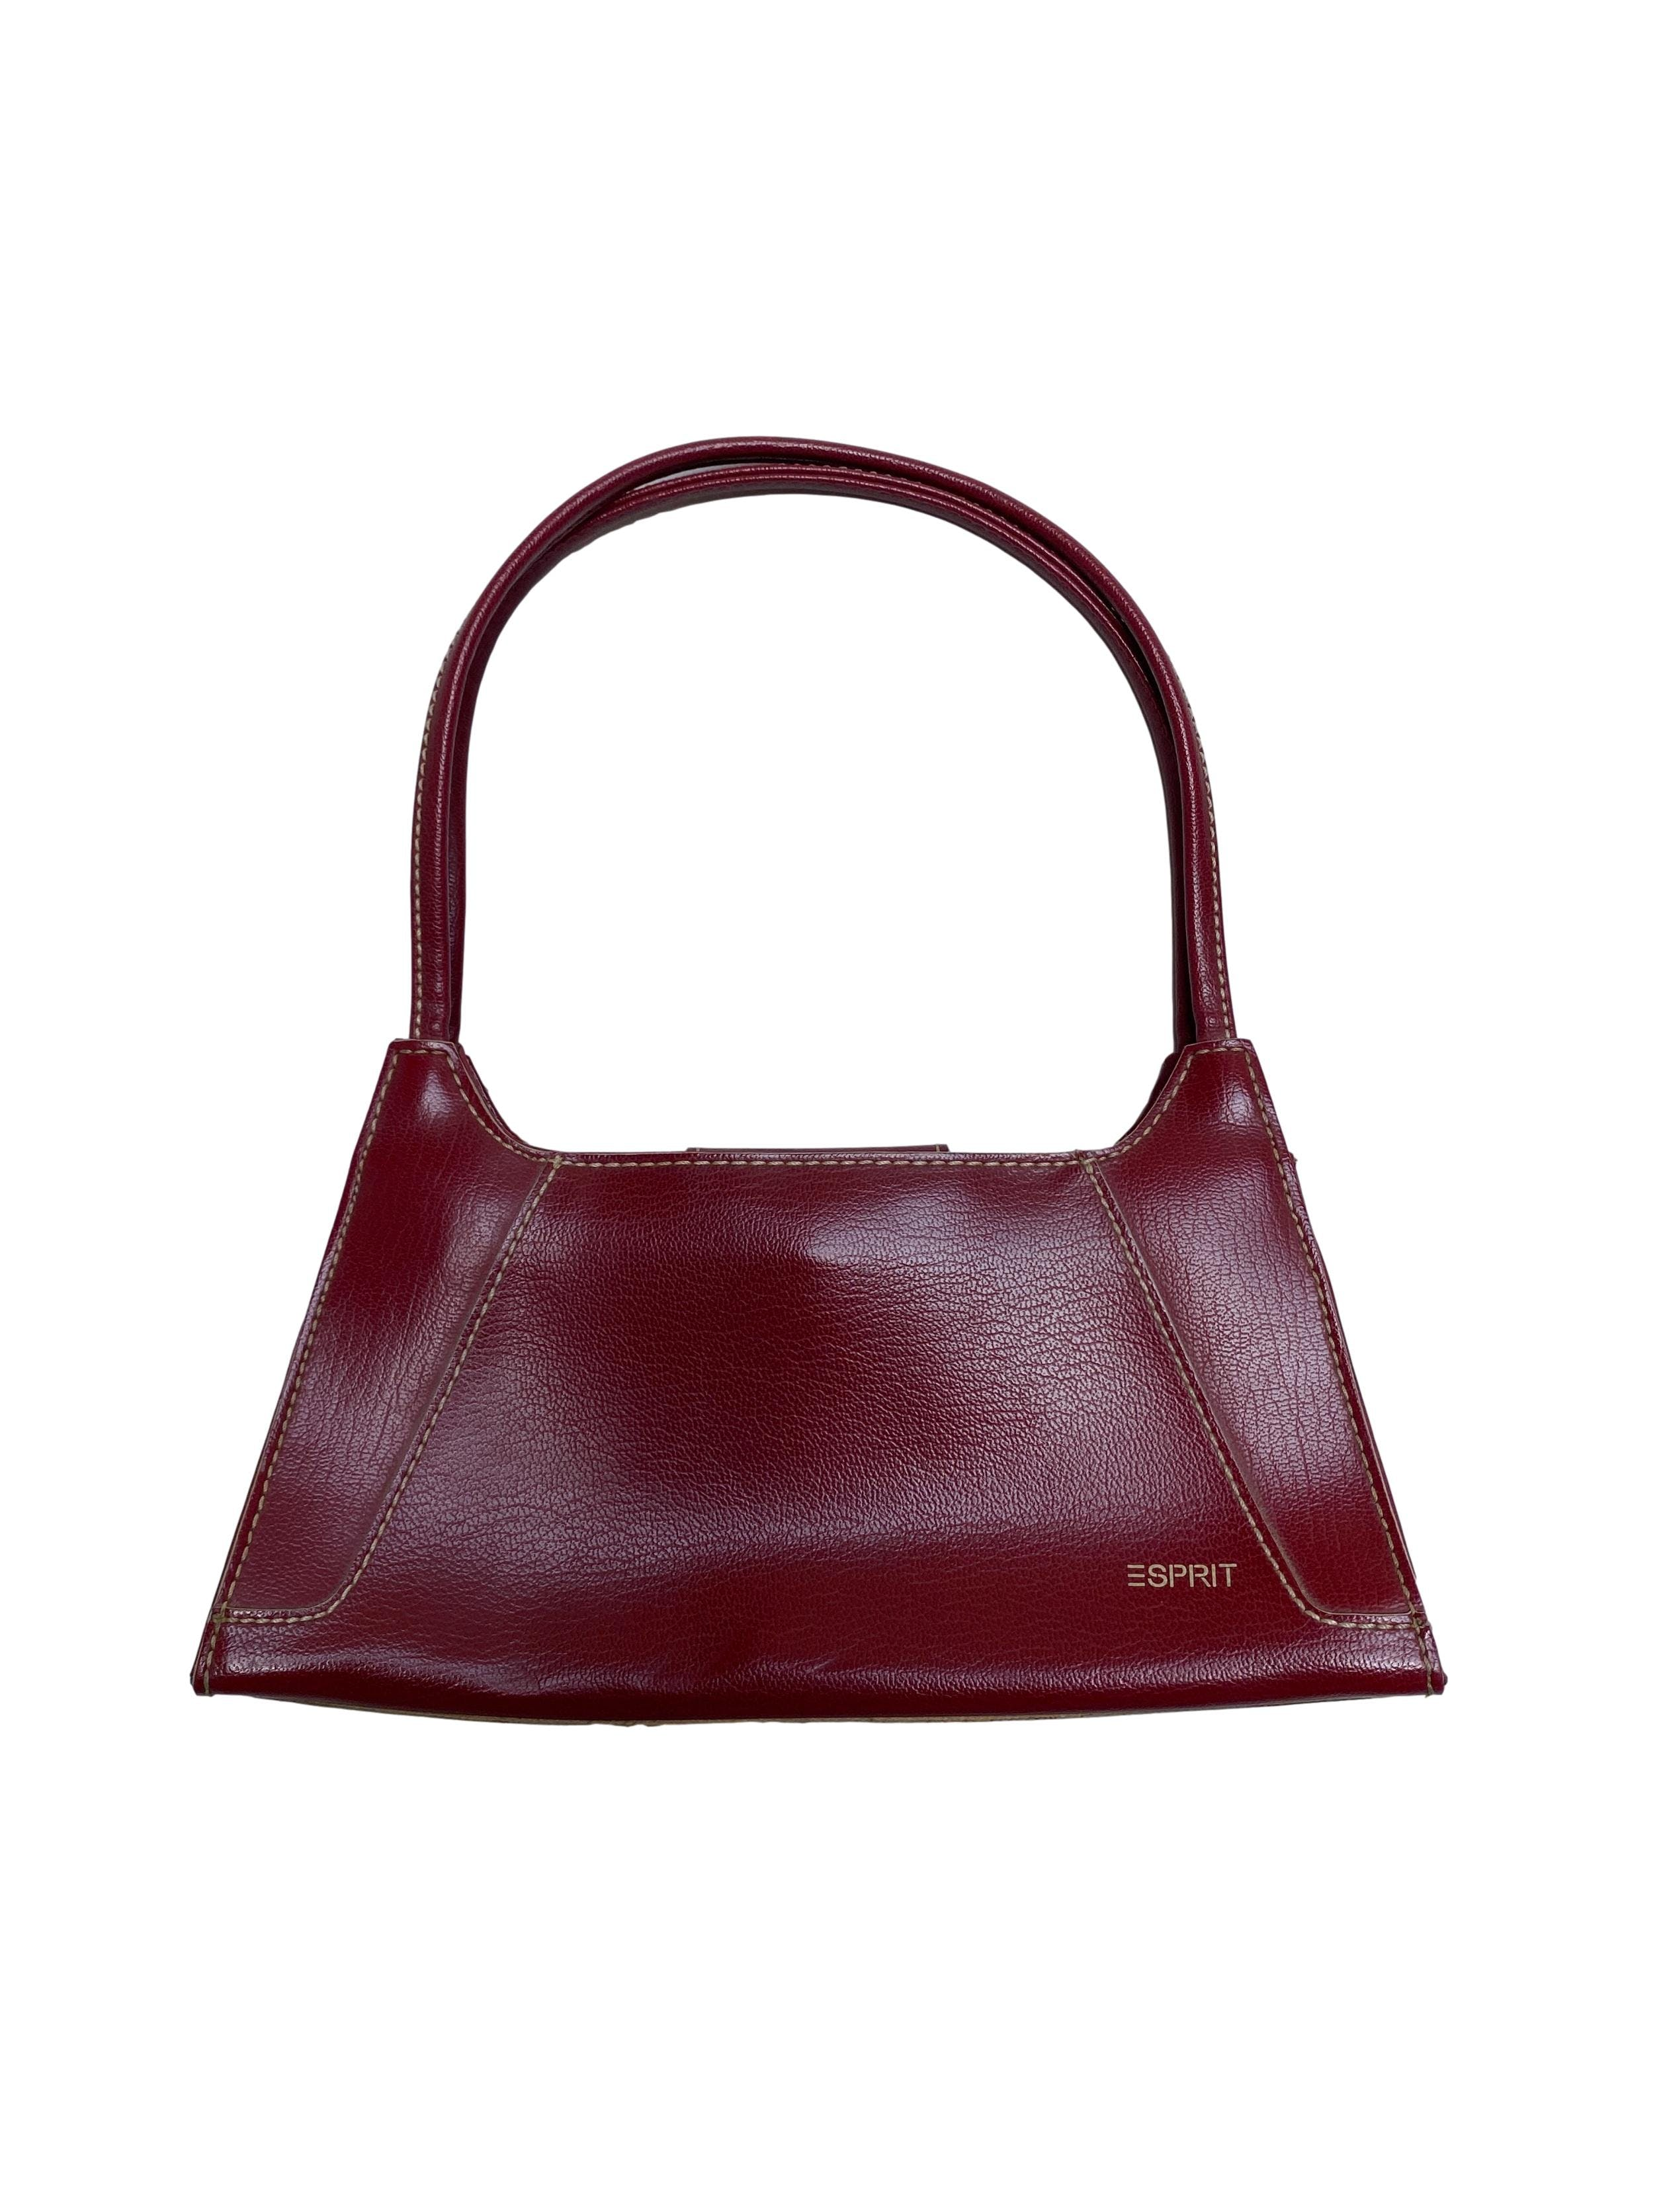 Baguette bag Esprit de polipiel guinda y costuras crema, forro interior y cierra con broche imantado. Medidas 25x14x5cm